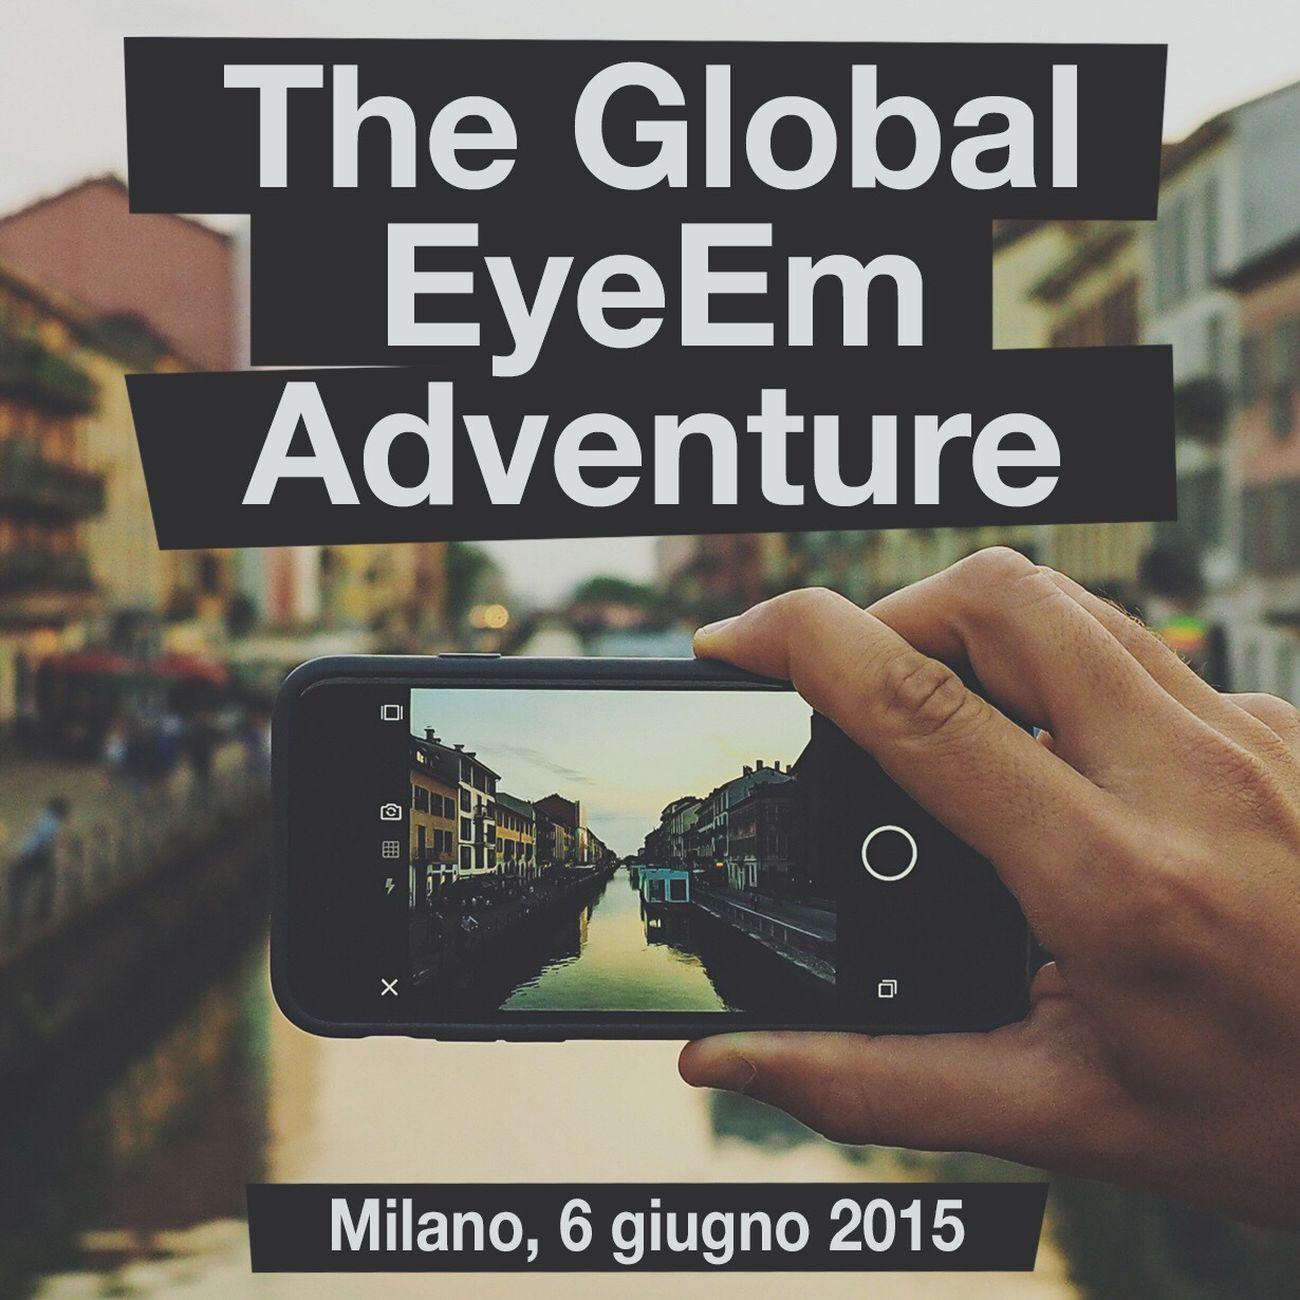 Global EyeEm Adventure - MILANO Venite a scattare insieme ai @goodfellas_imp e conoscerete nuovi amici, incontrerete altri fotografi, passeggerete insieme a noi per la città. Scoprirete una Milano come non l'avete mai vista. Tutti sono i benvenuti, indipendentemente dal livello di esperienza o dal tipo di fotocamera (digitale, analogica o smartphone). Scaricate l'app di EyeEm e create il vostro profilo. Cercate l'evento su Facebook e scoprite i dettagli della nostra Adventure. Vi aspettiamo!